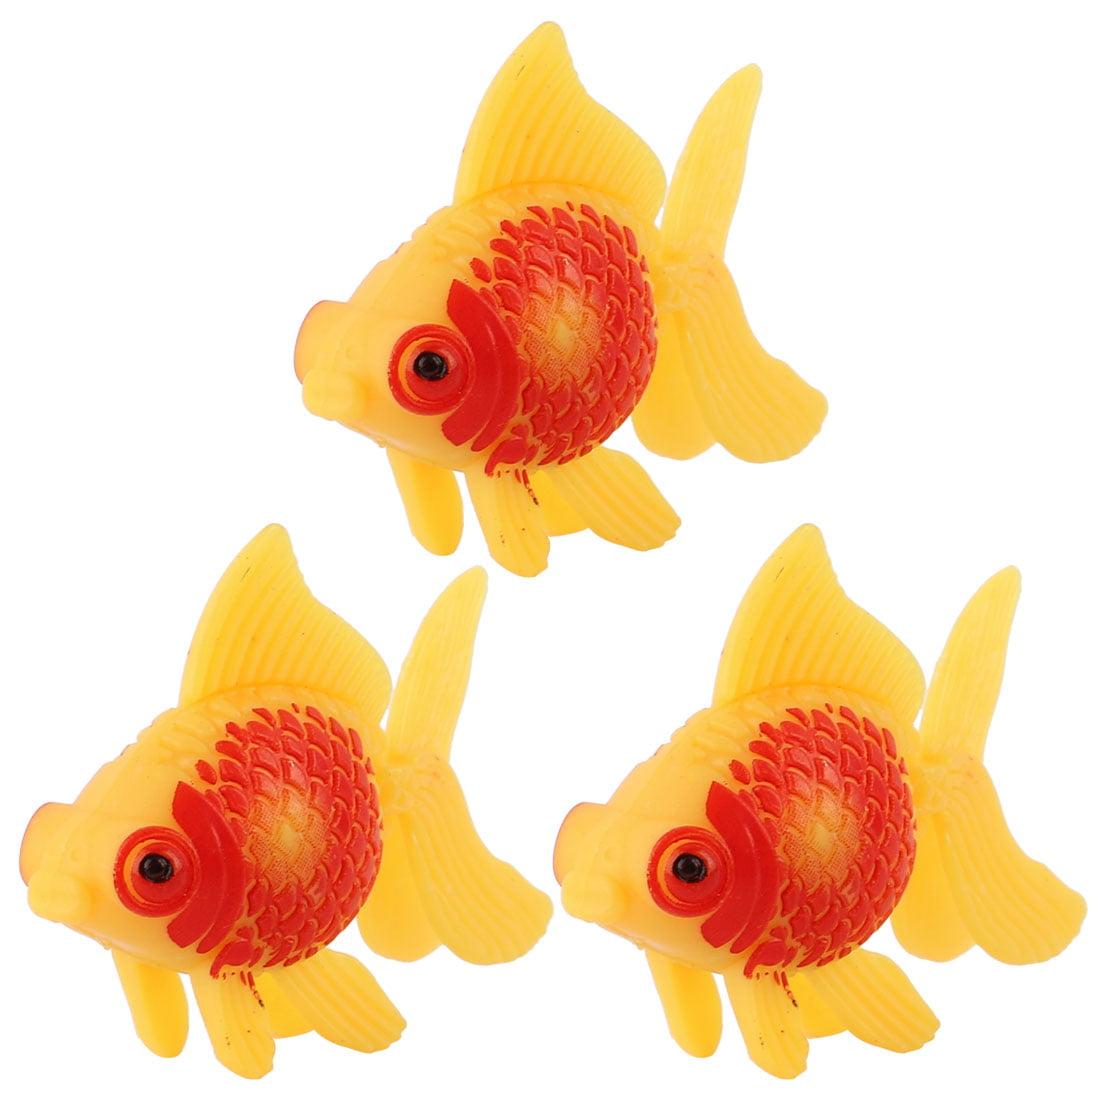 Unique Bargains 3pcs Fish Tank Aquarium Floating Swimming Goldfish Decoration Yellow Red